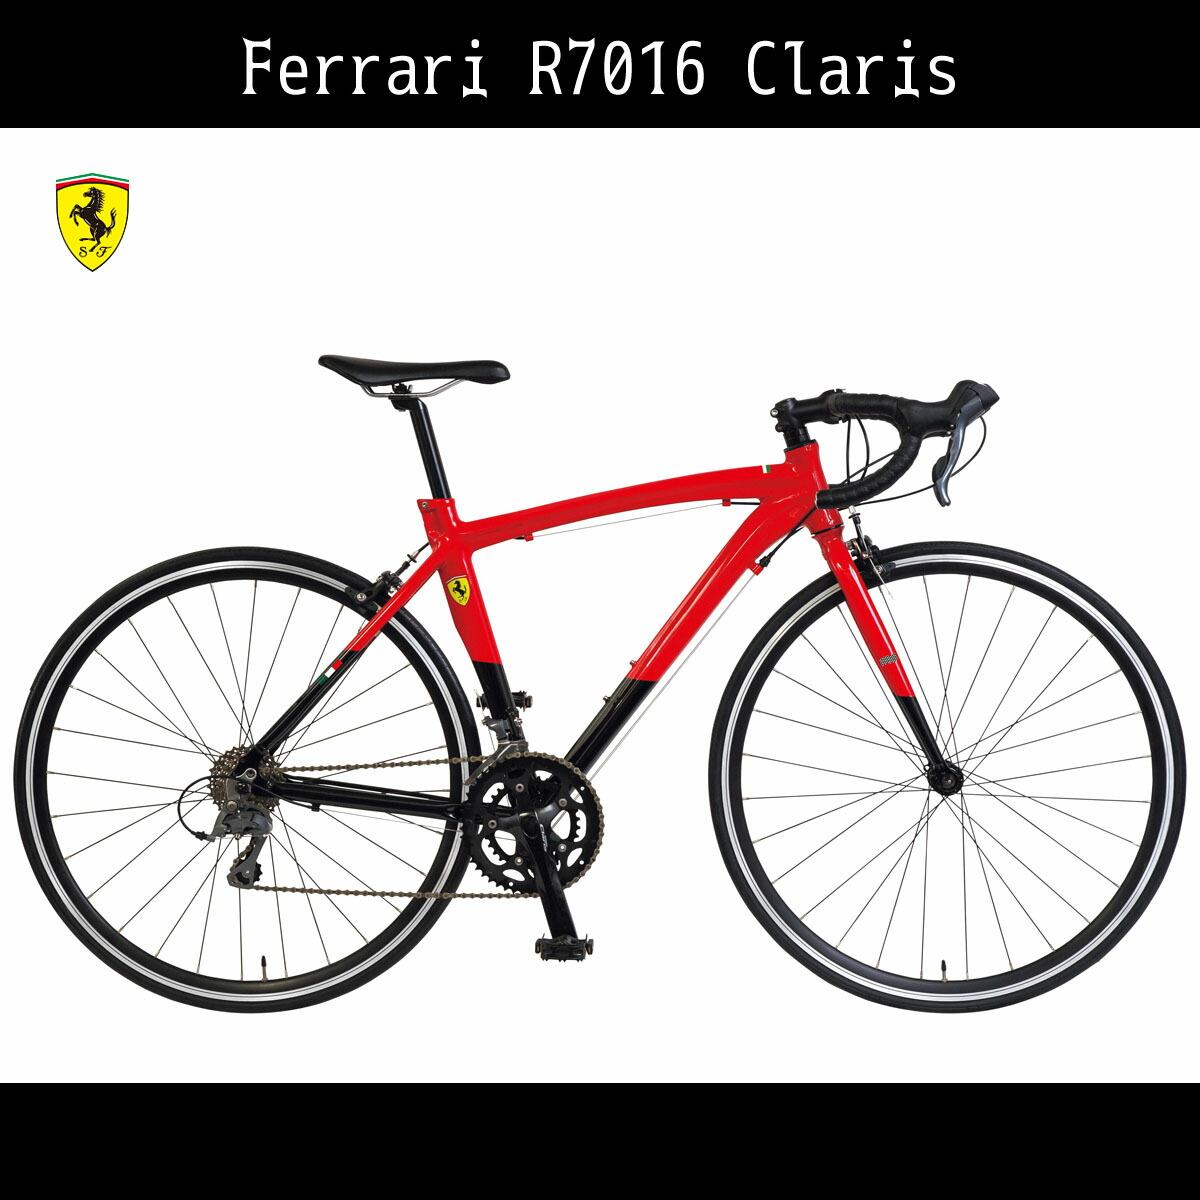 2台セット販売ロードバイク フェラーリ Ferrari 自転車 レッド/赤700c クロスバイク 外装16段変速ギア アルミ 前後クイックレリーズハブ 自転車 フェラーリ R7016 CLARIS アルミニウム クロスバイク